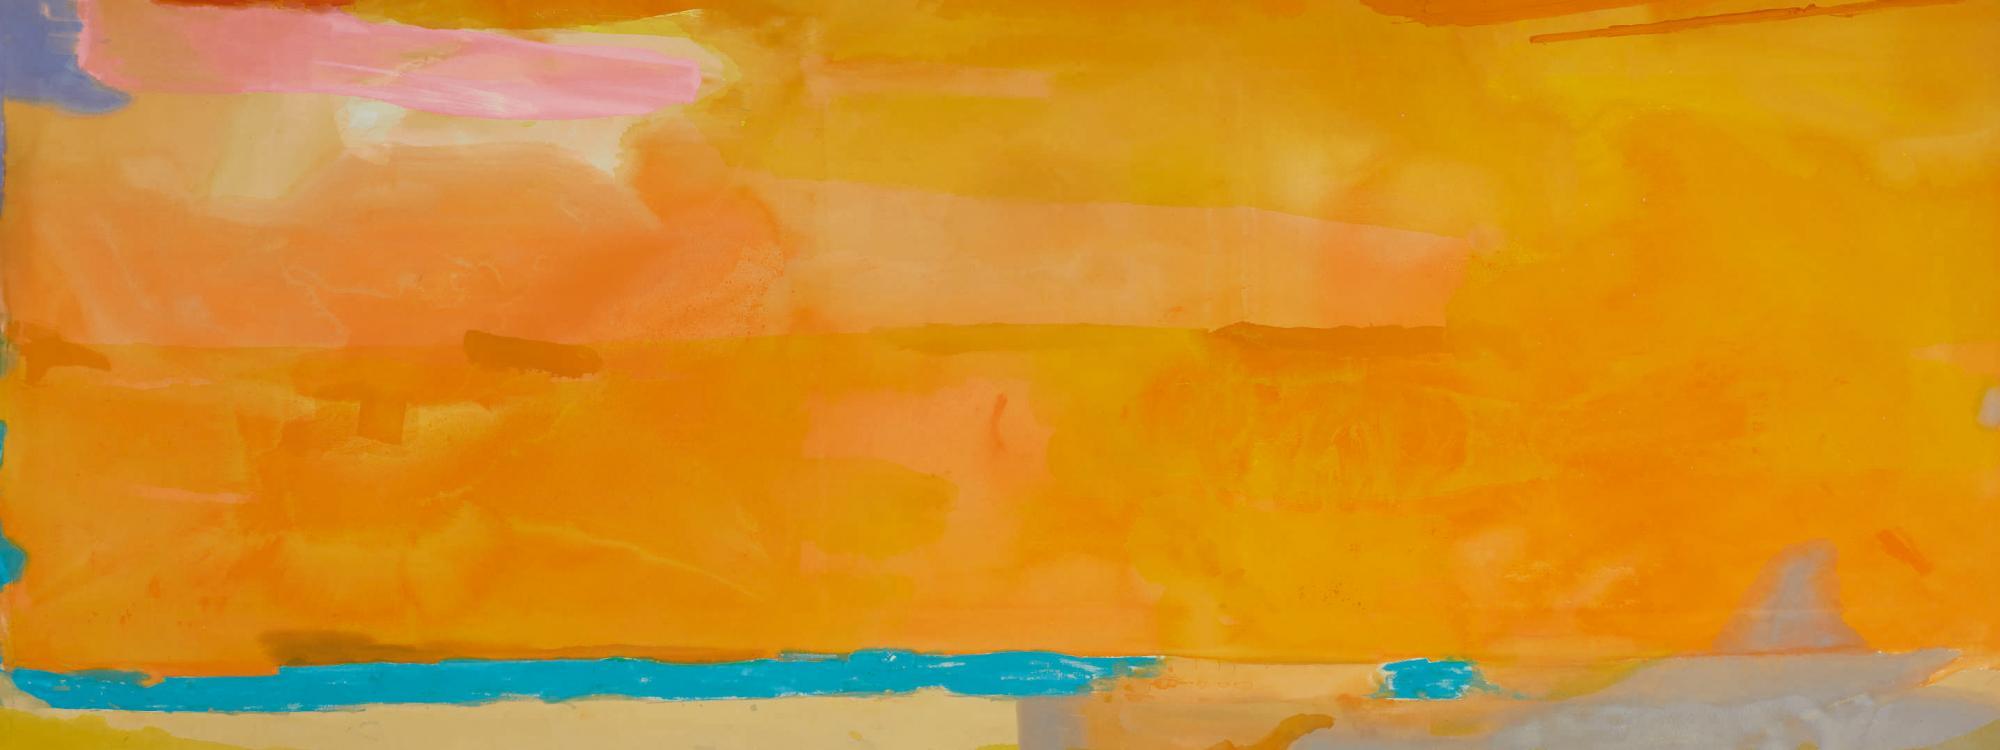 海倫・弗蘭肯塔勒(Helen Frankenthaler),《皇家煙花(Royal Fireworks)》,1975。